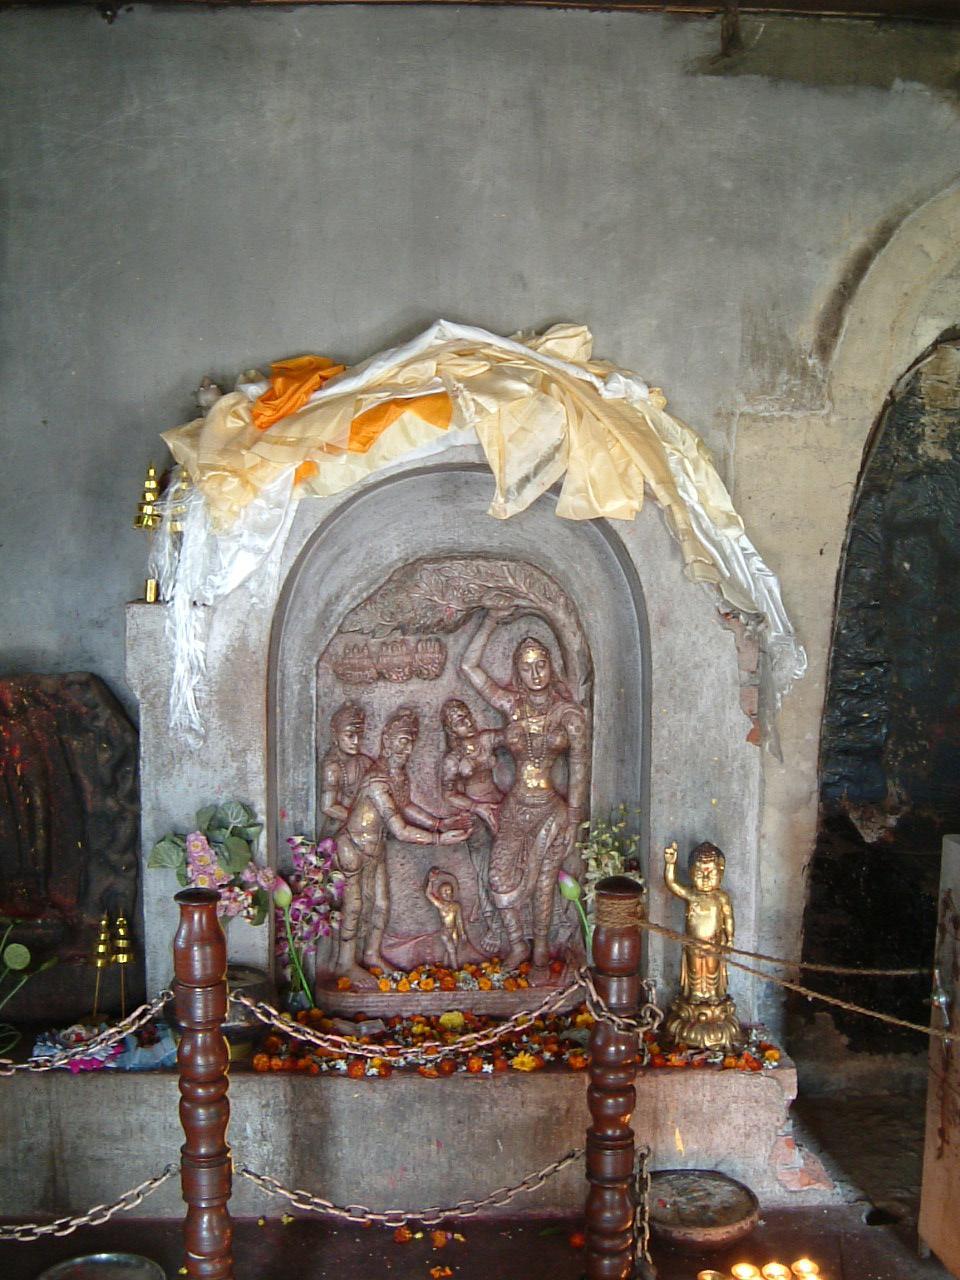 最初に向かったのはルンビニー園です。入り口を入っ... 『インド仏跡参拝と世界遺産の旅?【ルンビ